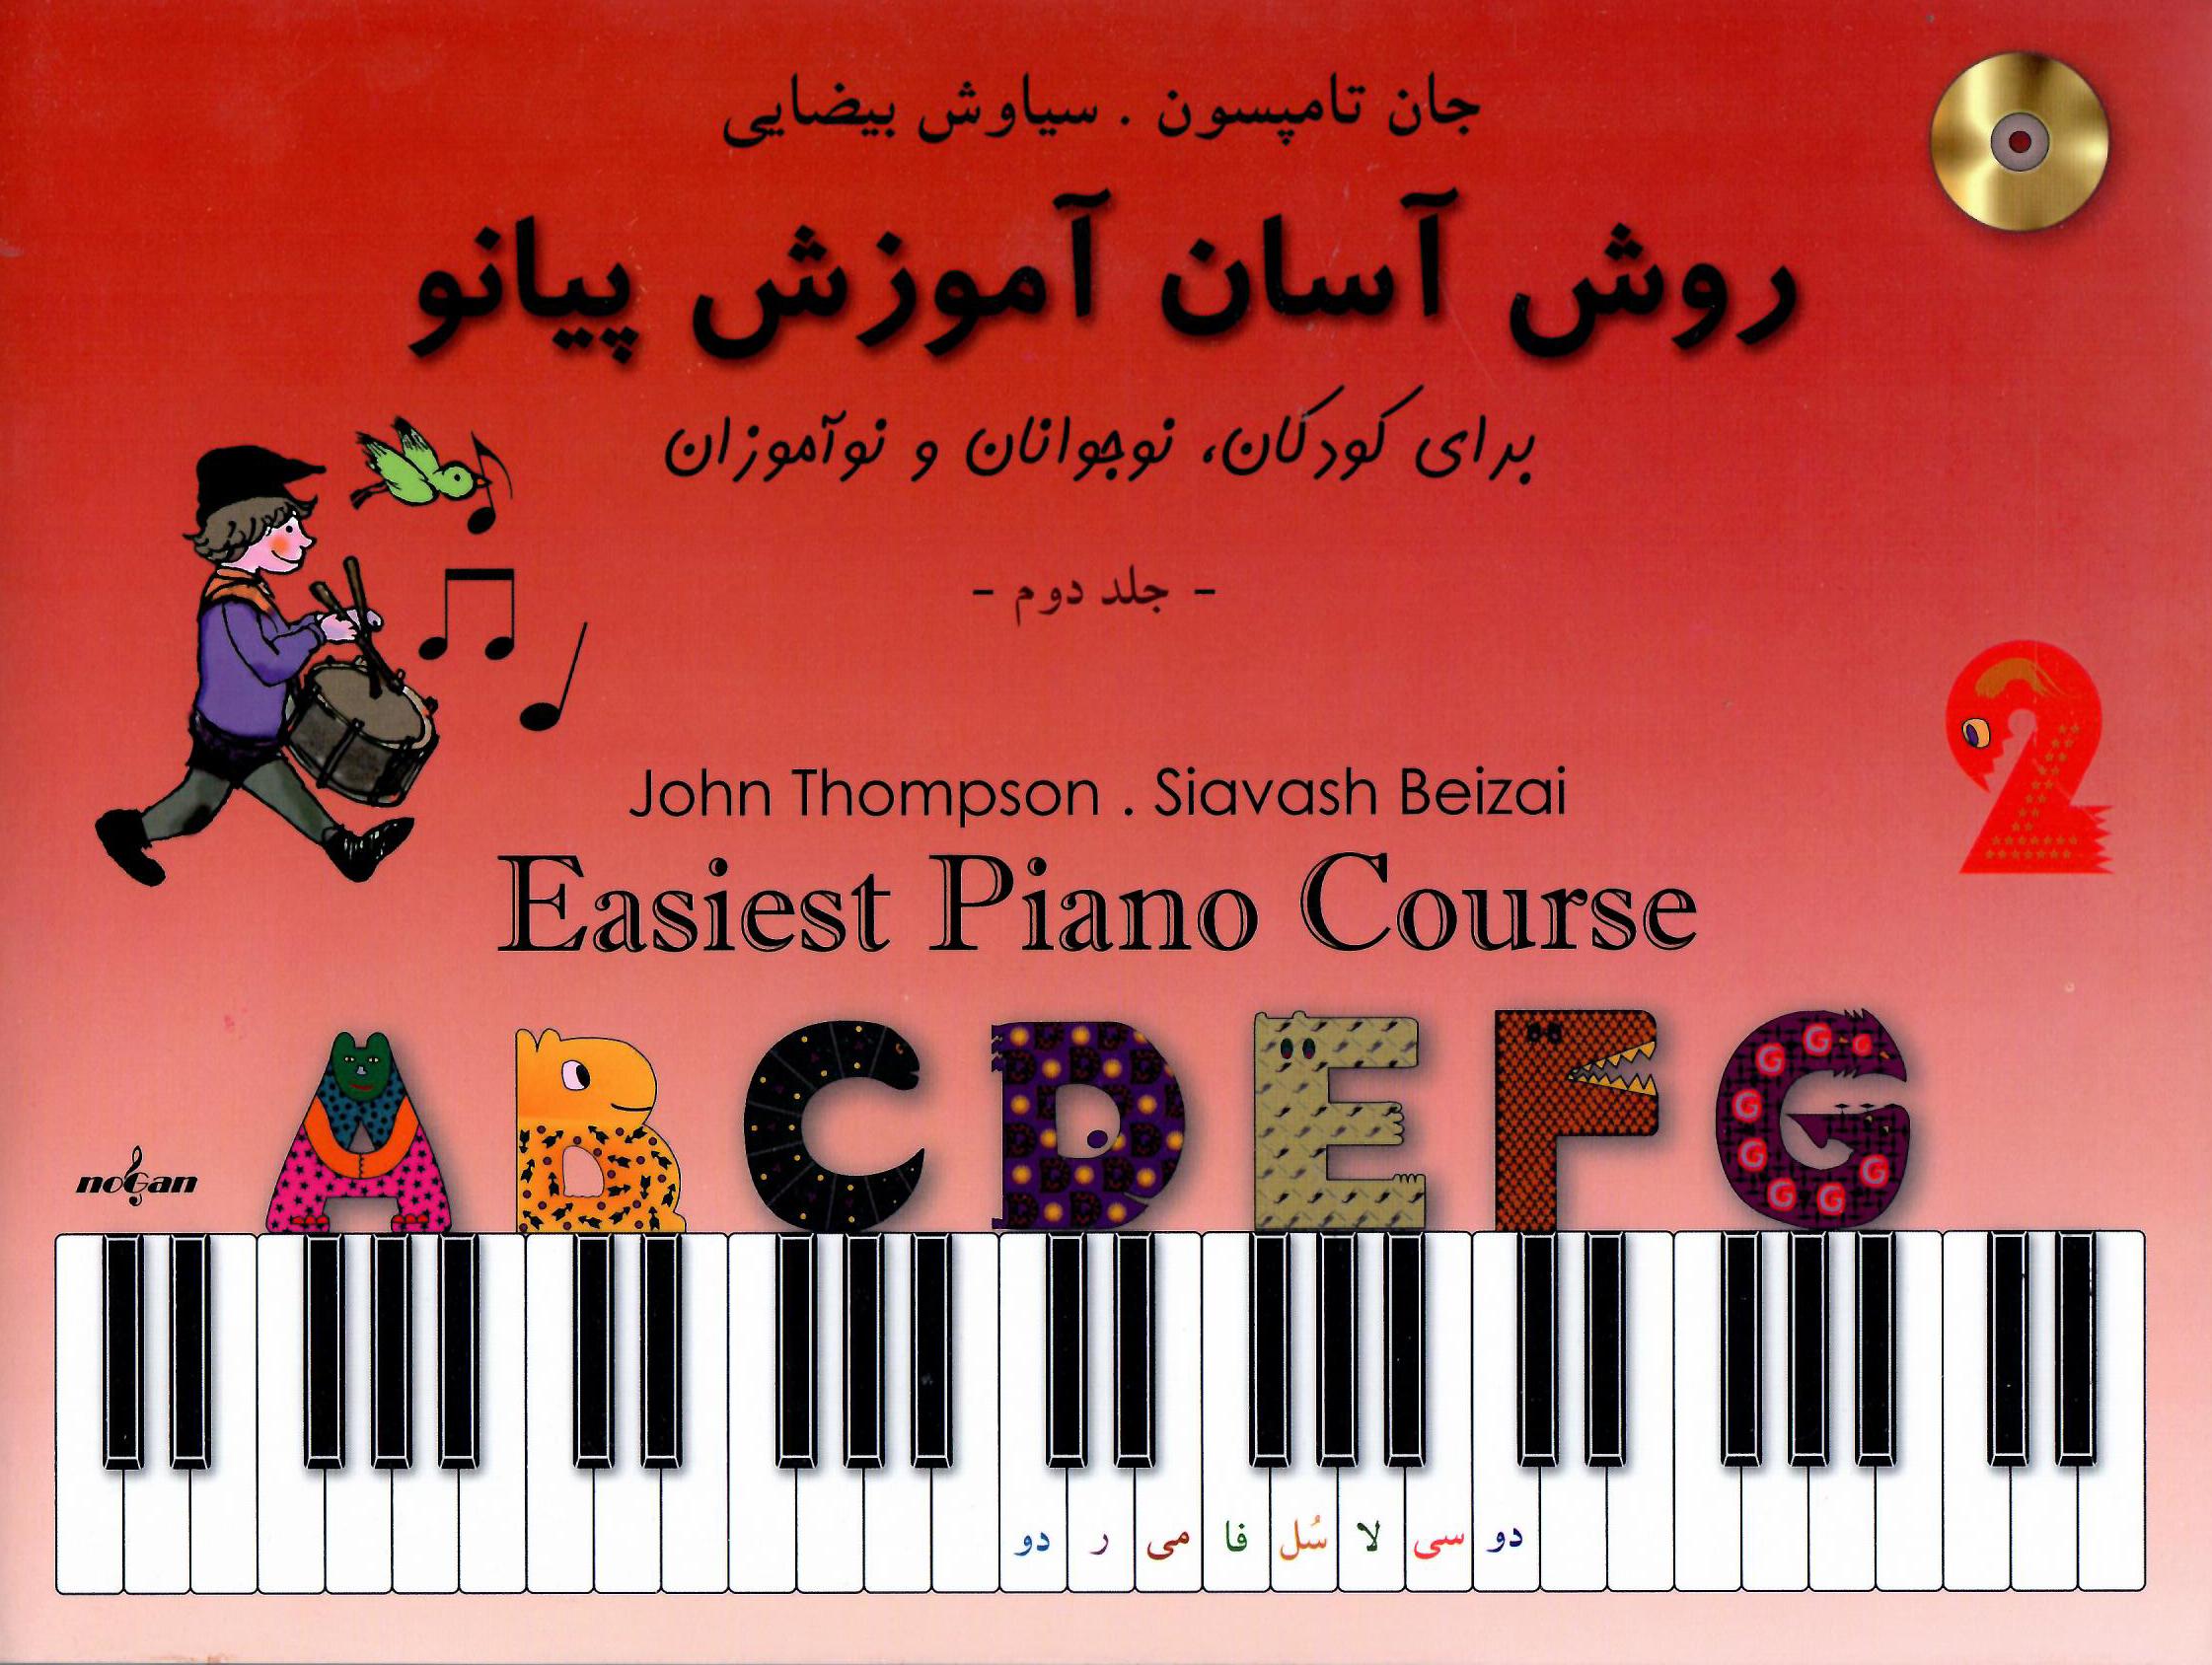 جان تامسون روش آسان آموزش پیانو جلد دوم سیاوش بیضایی